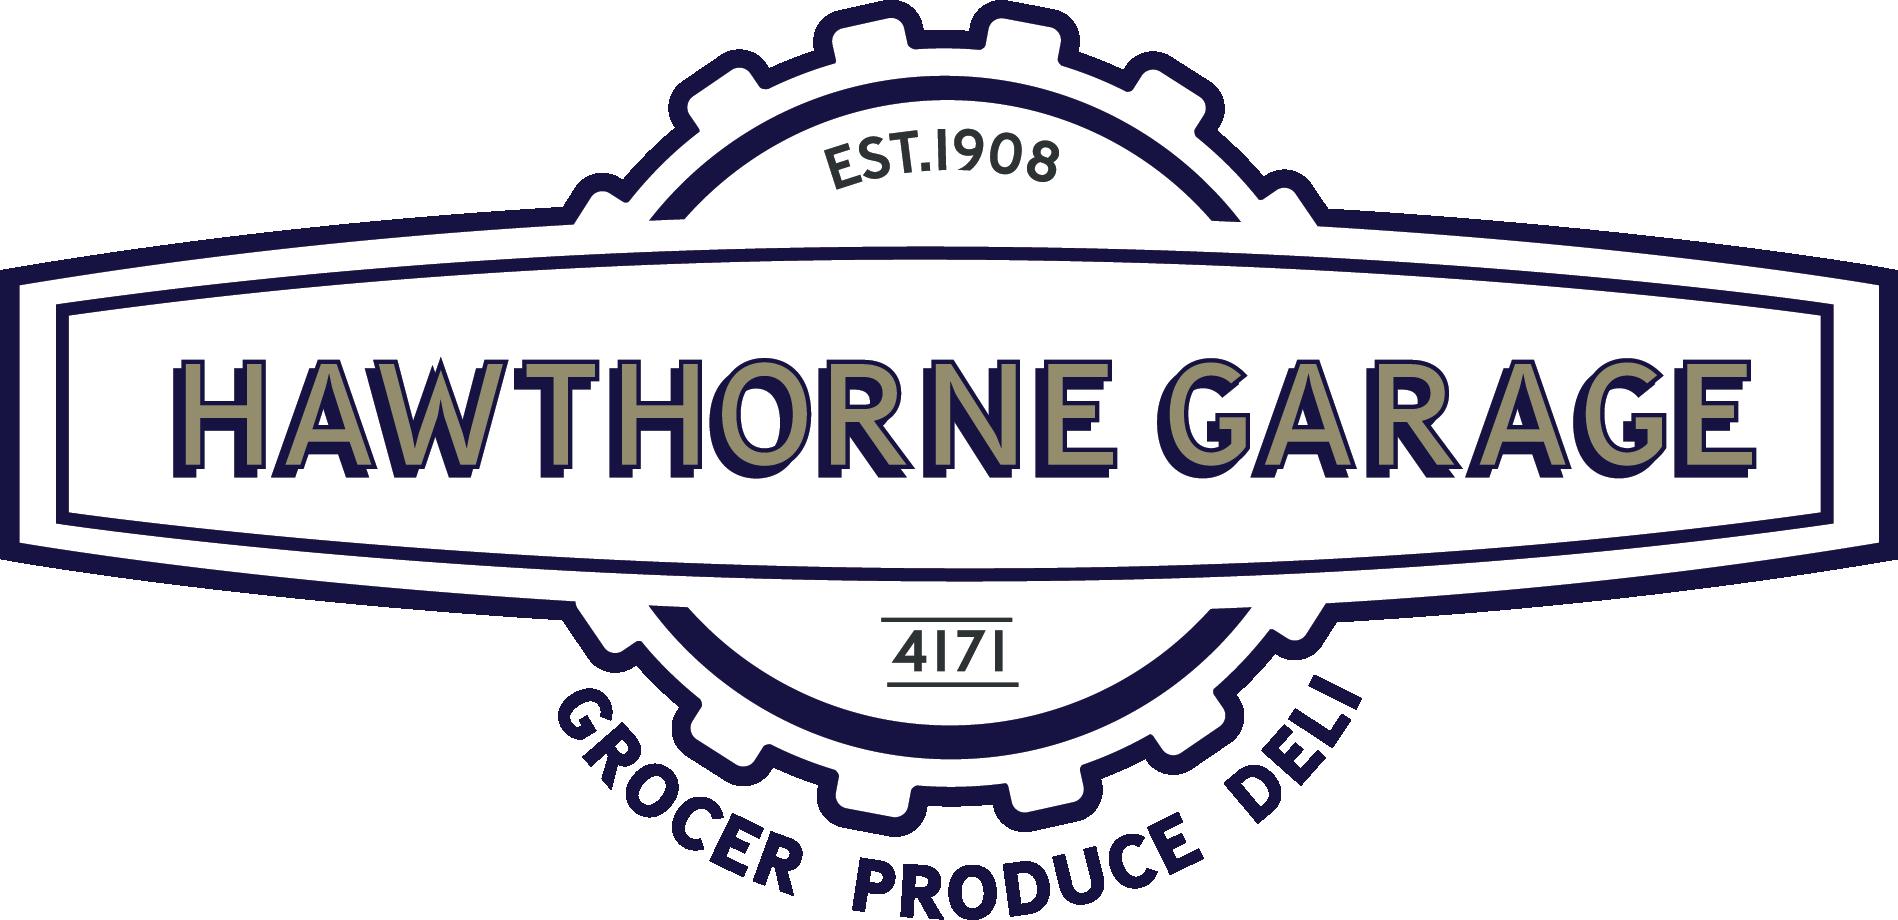 Hawthorne Garage